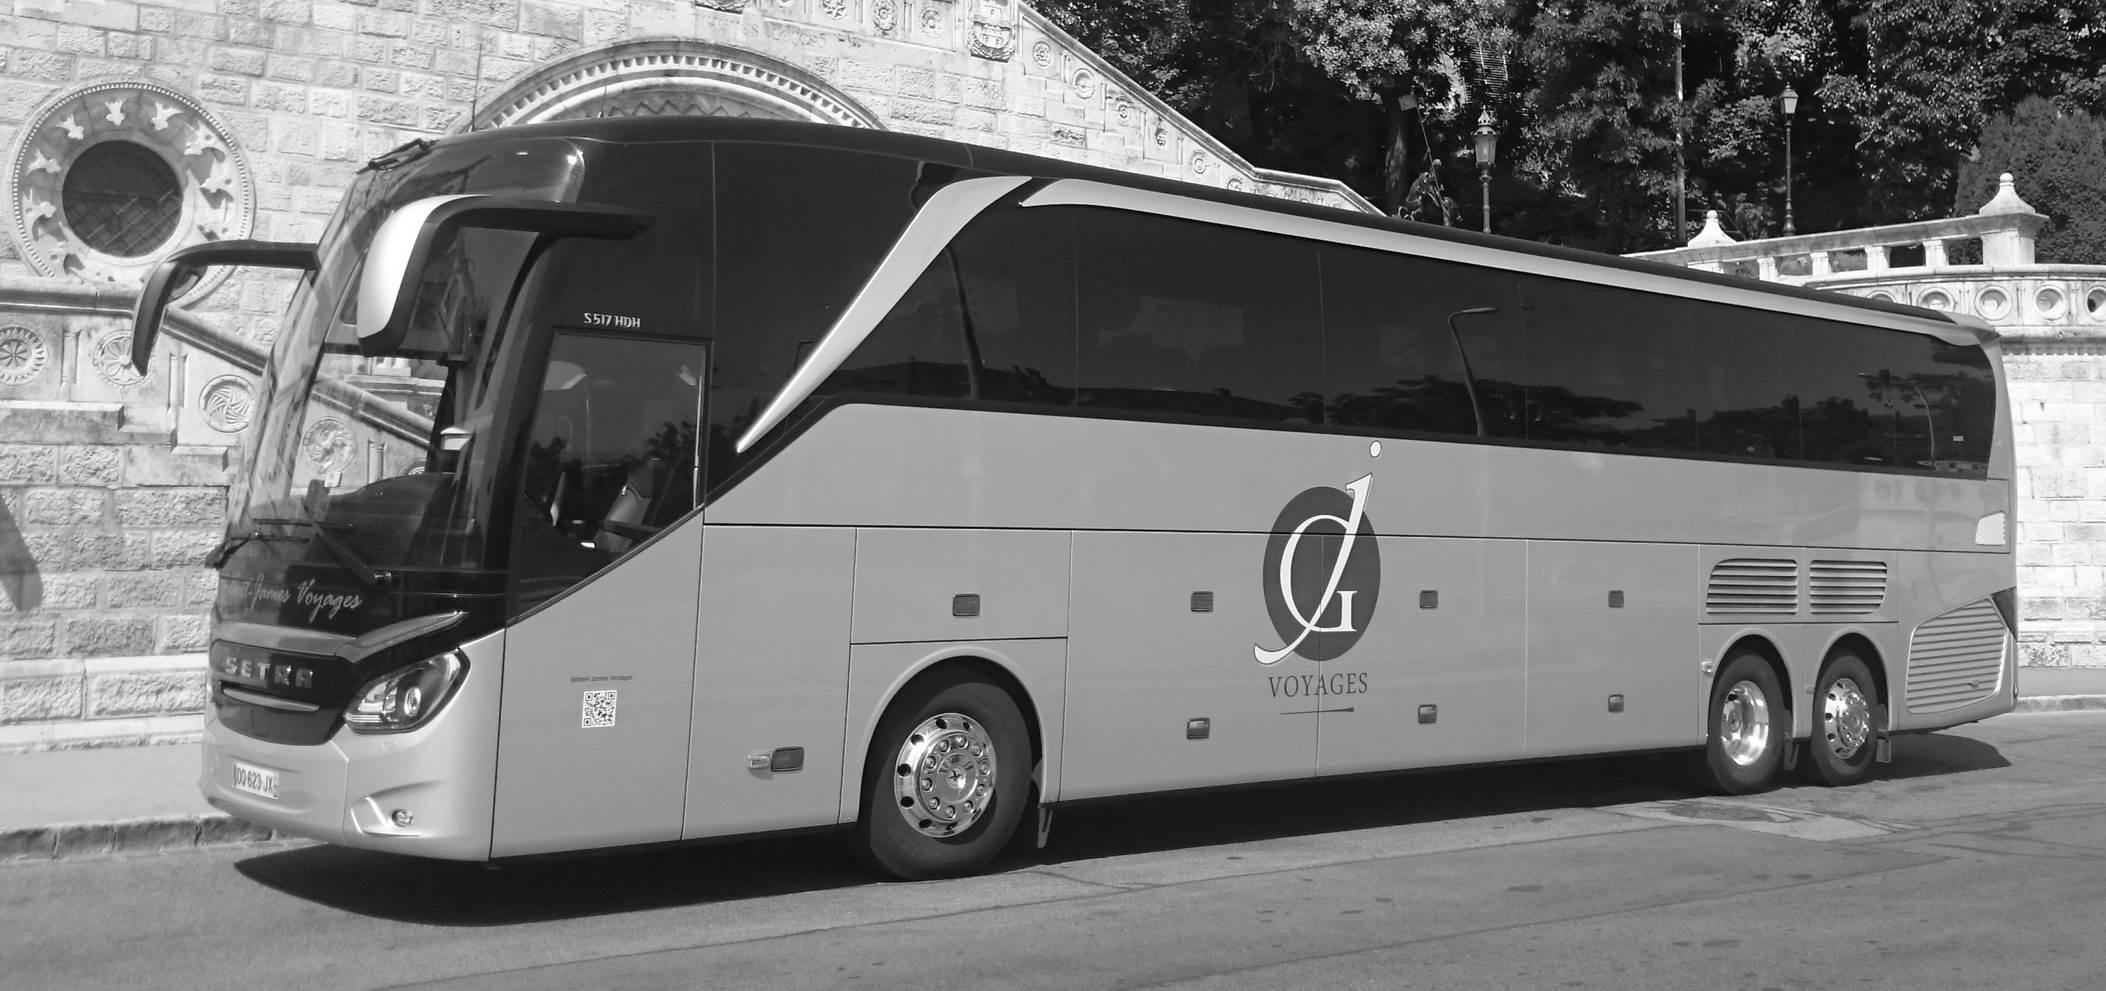 So Bus : Quel est l'avantage de voyager en bus ?